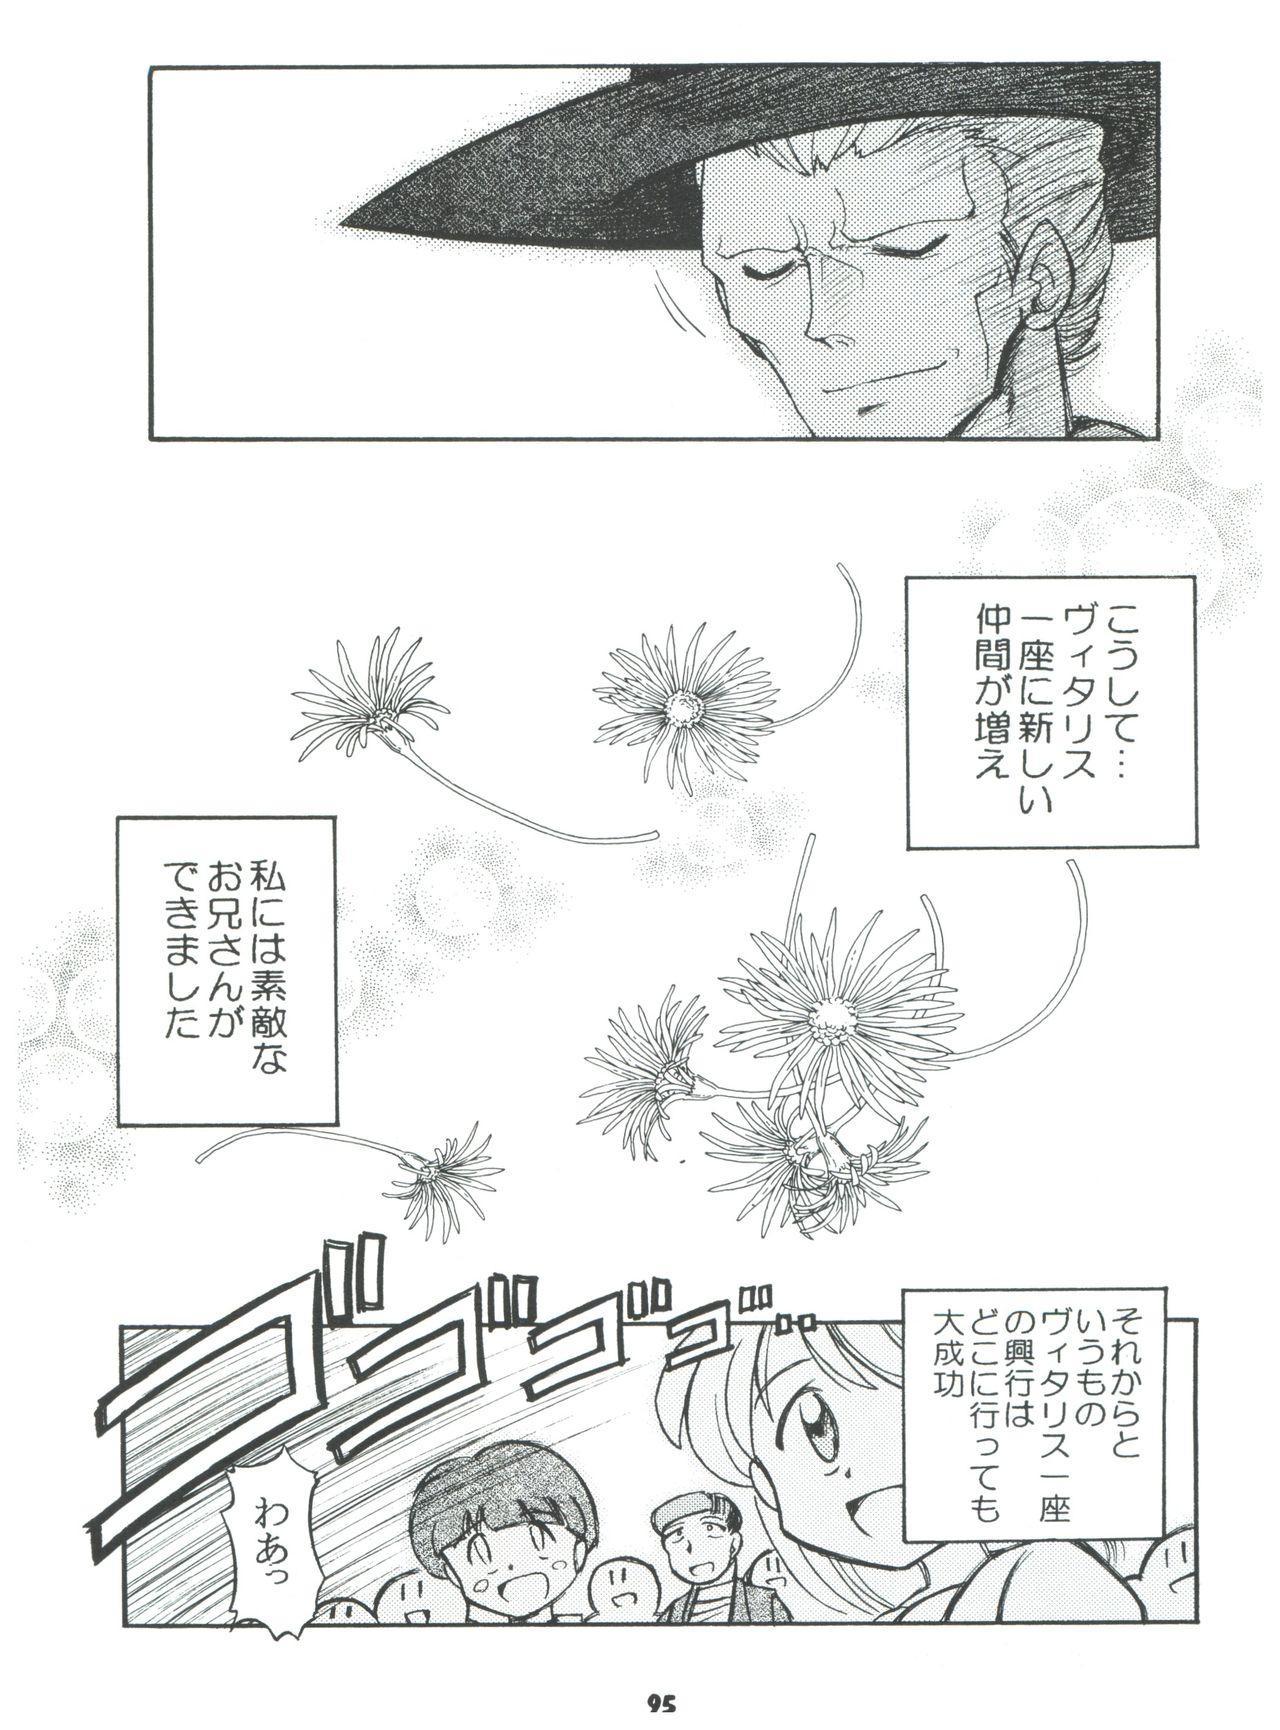 [Sairo Publishing (J. Sairo) En-Jack 2 (Various) 94